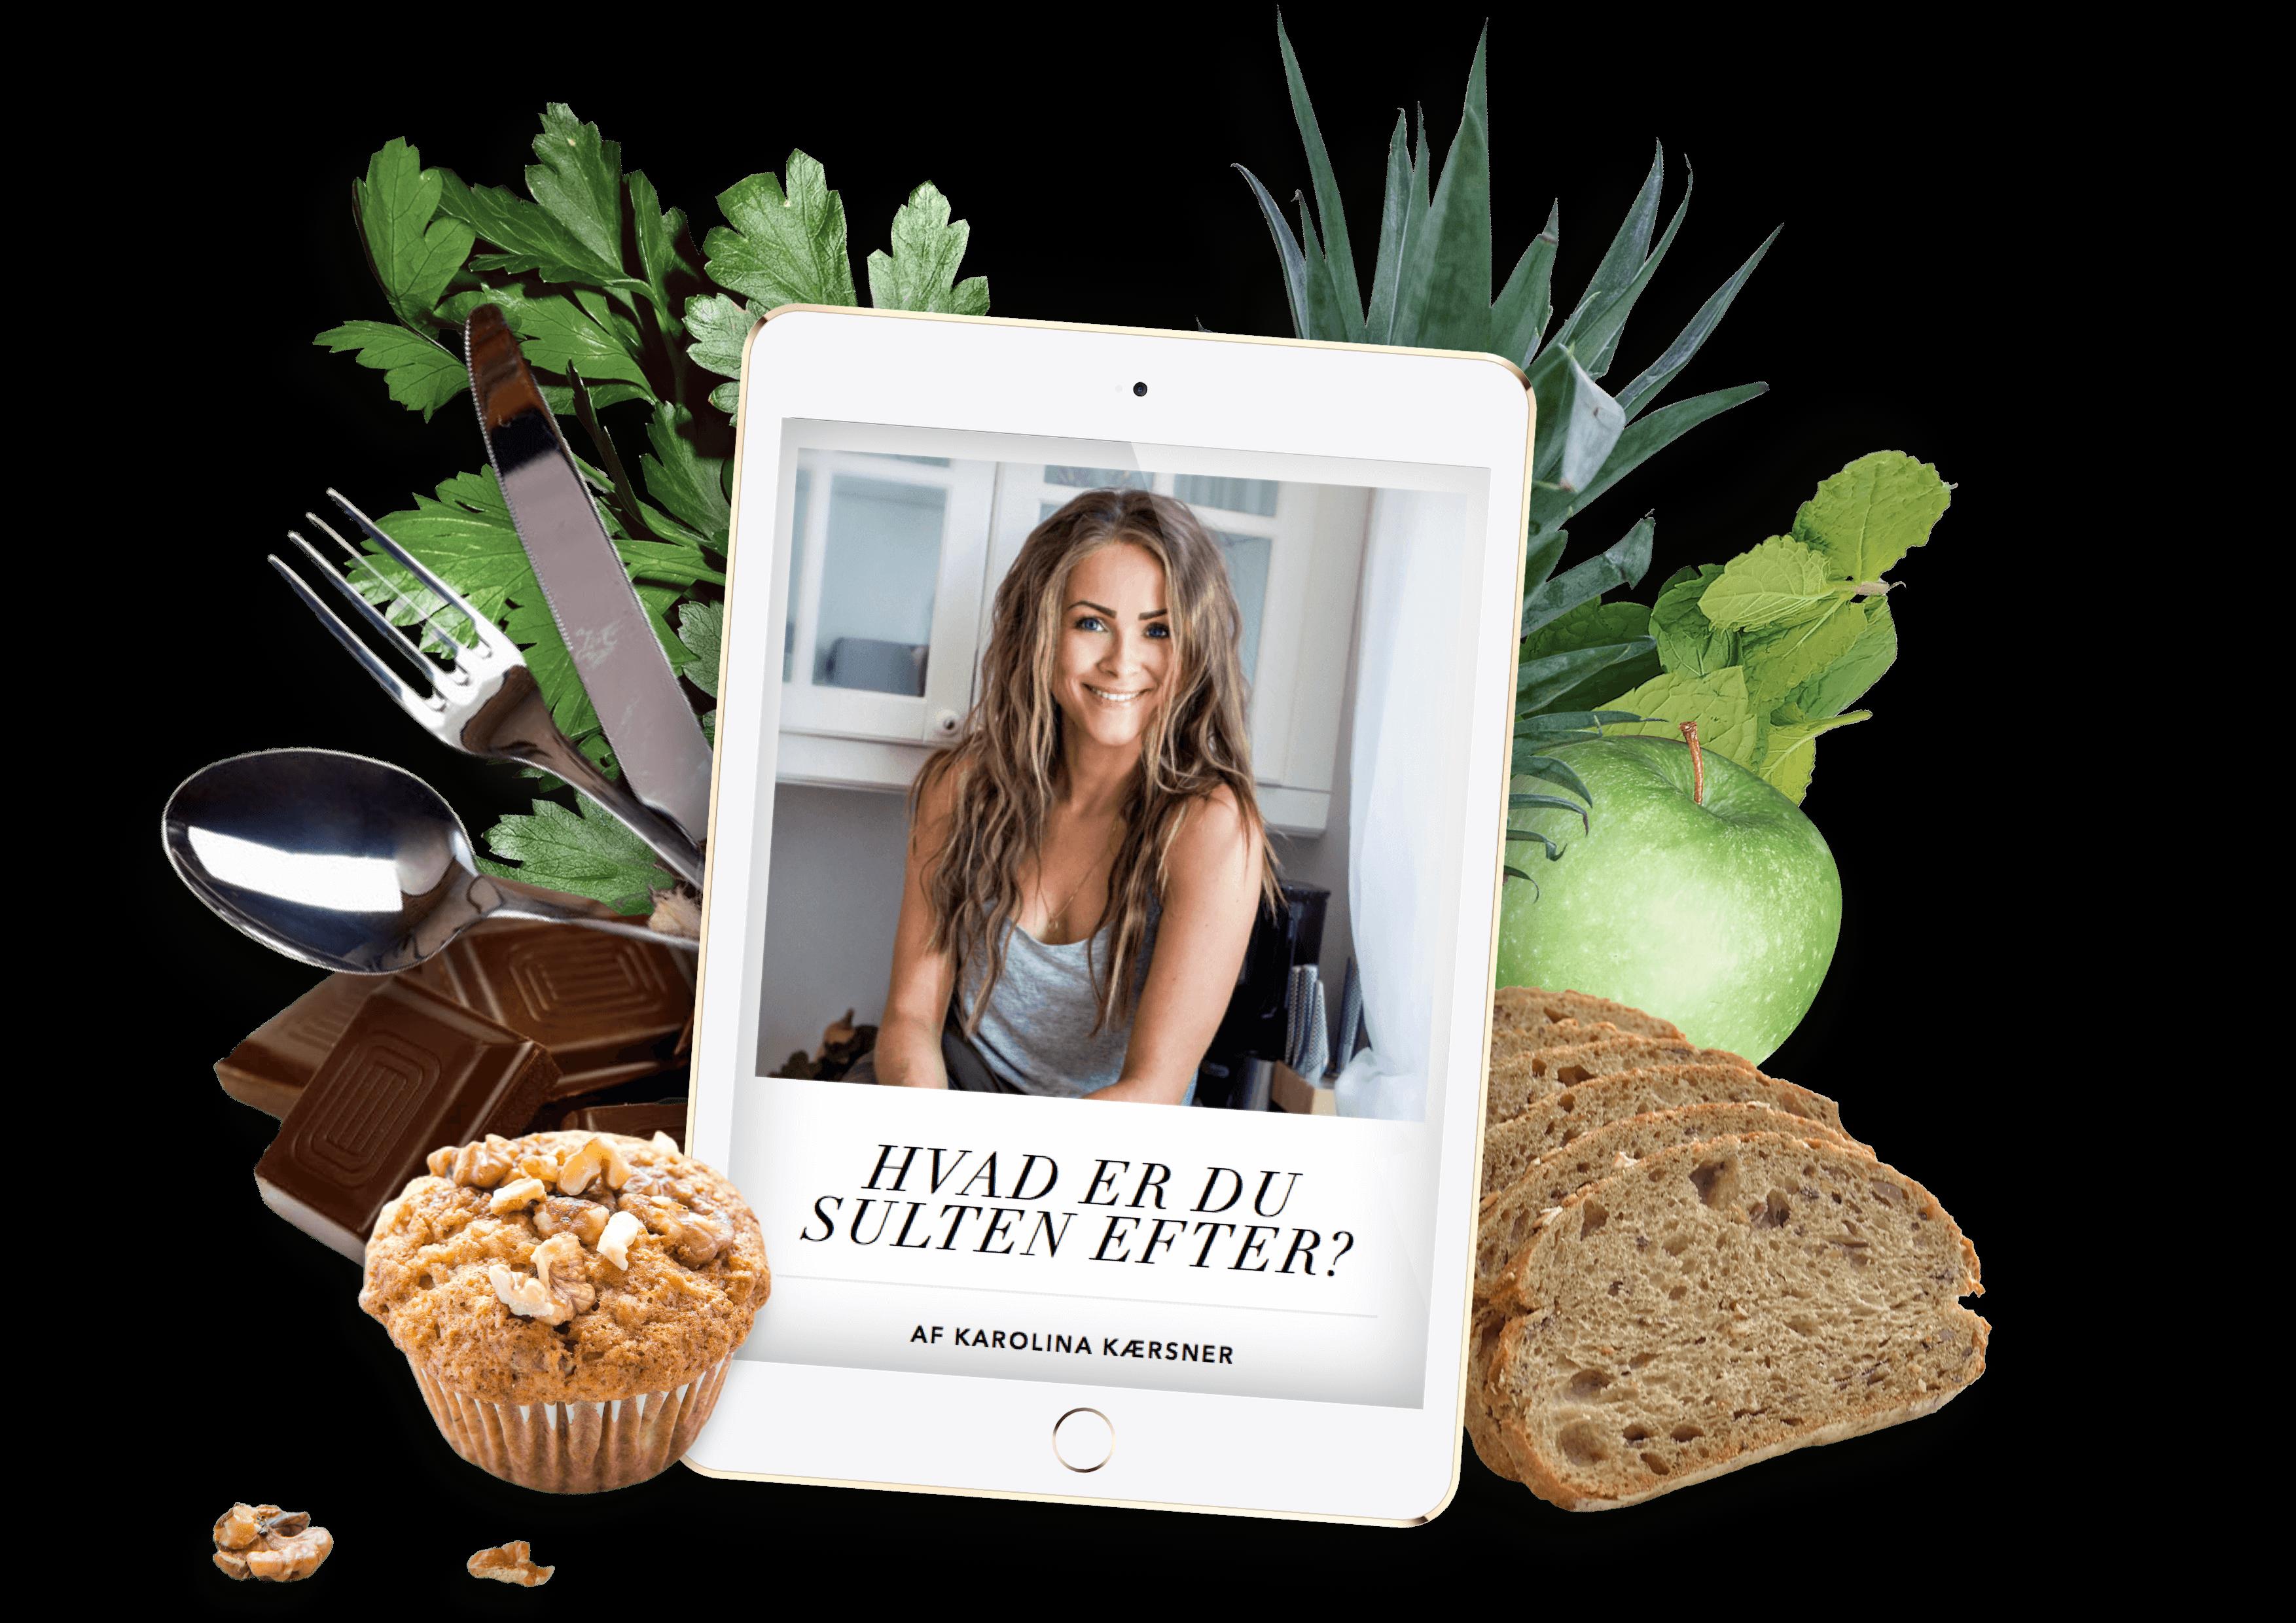 Overspisnings Guide: Hvad er du sulten efter? Karolina Kærsner